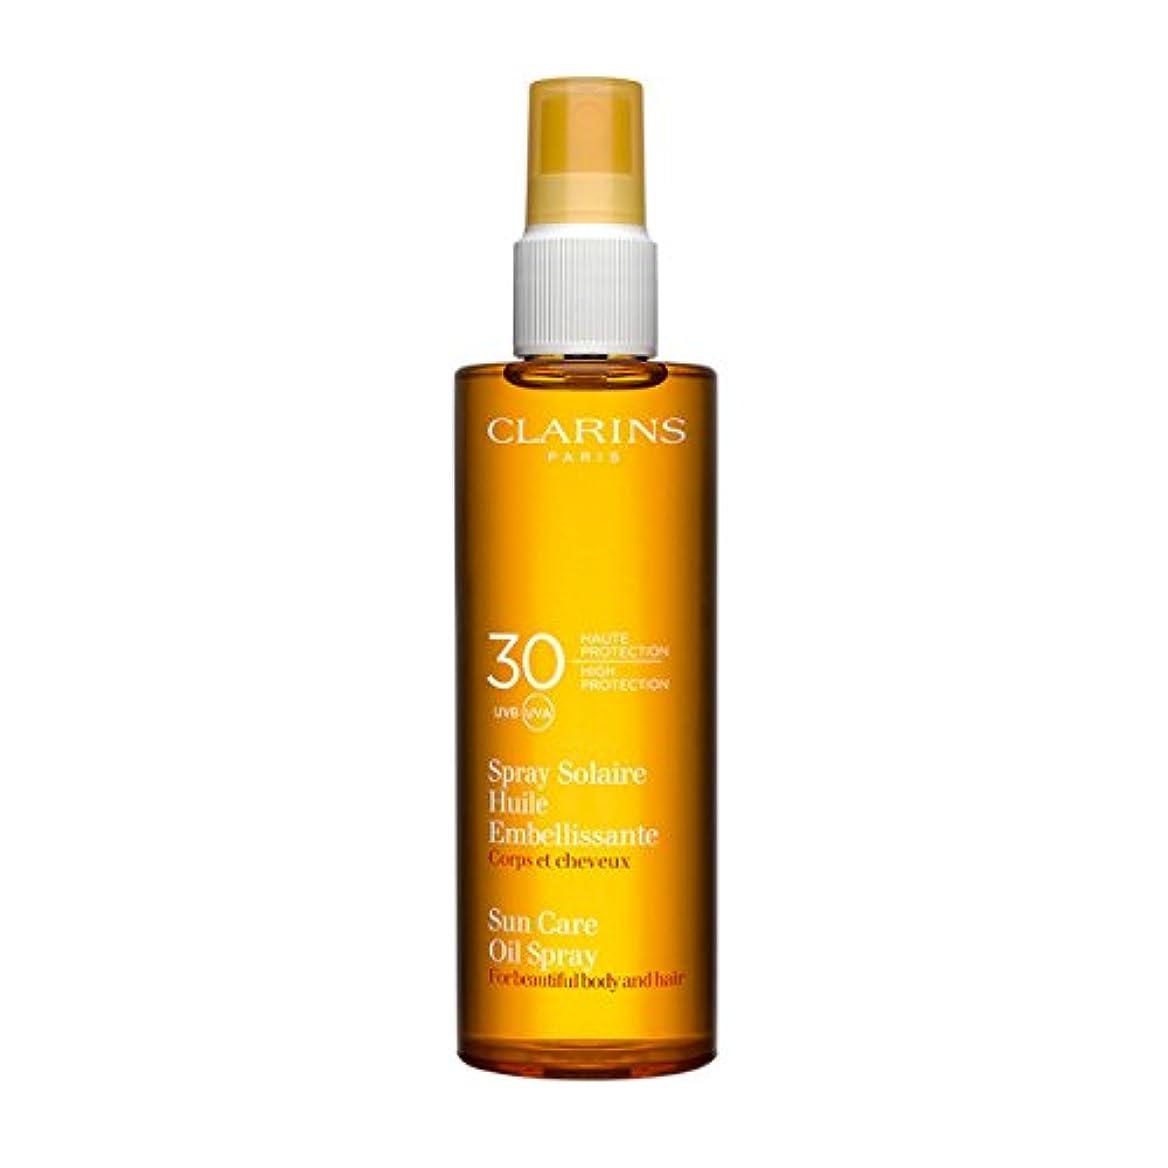 補充ステーキ関係Clarins Sun Care Oil Spray For Beautiful Body and Hair Spf30 150ml [並行輸入品]